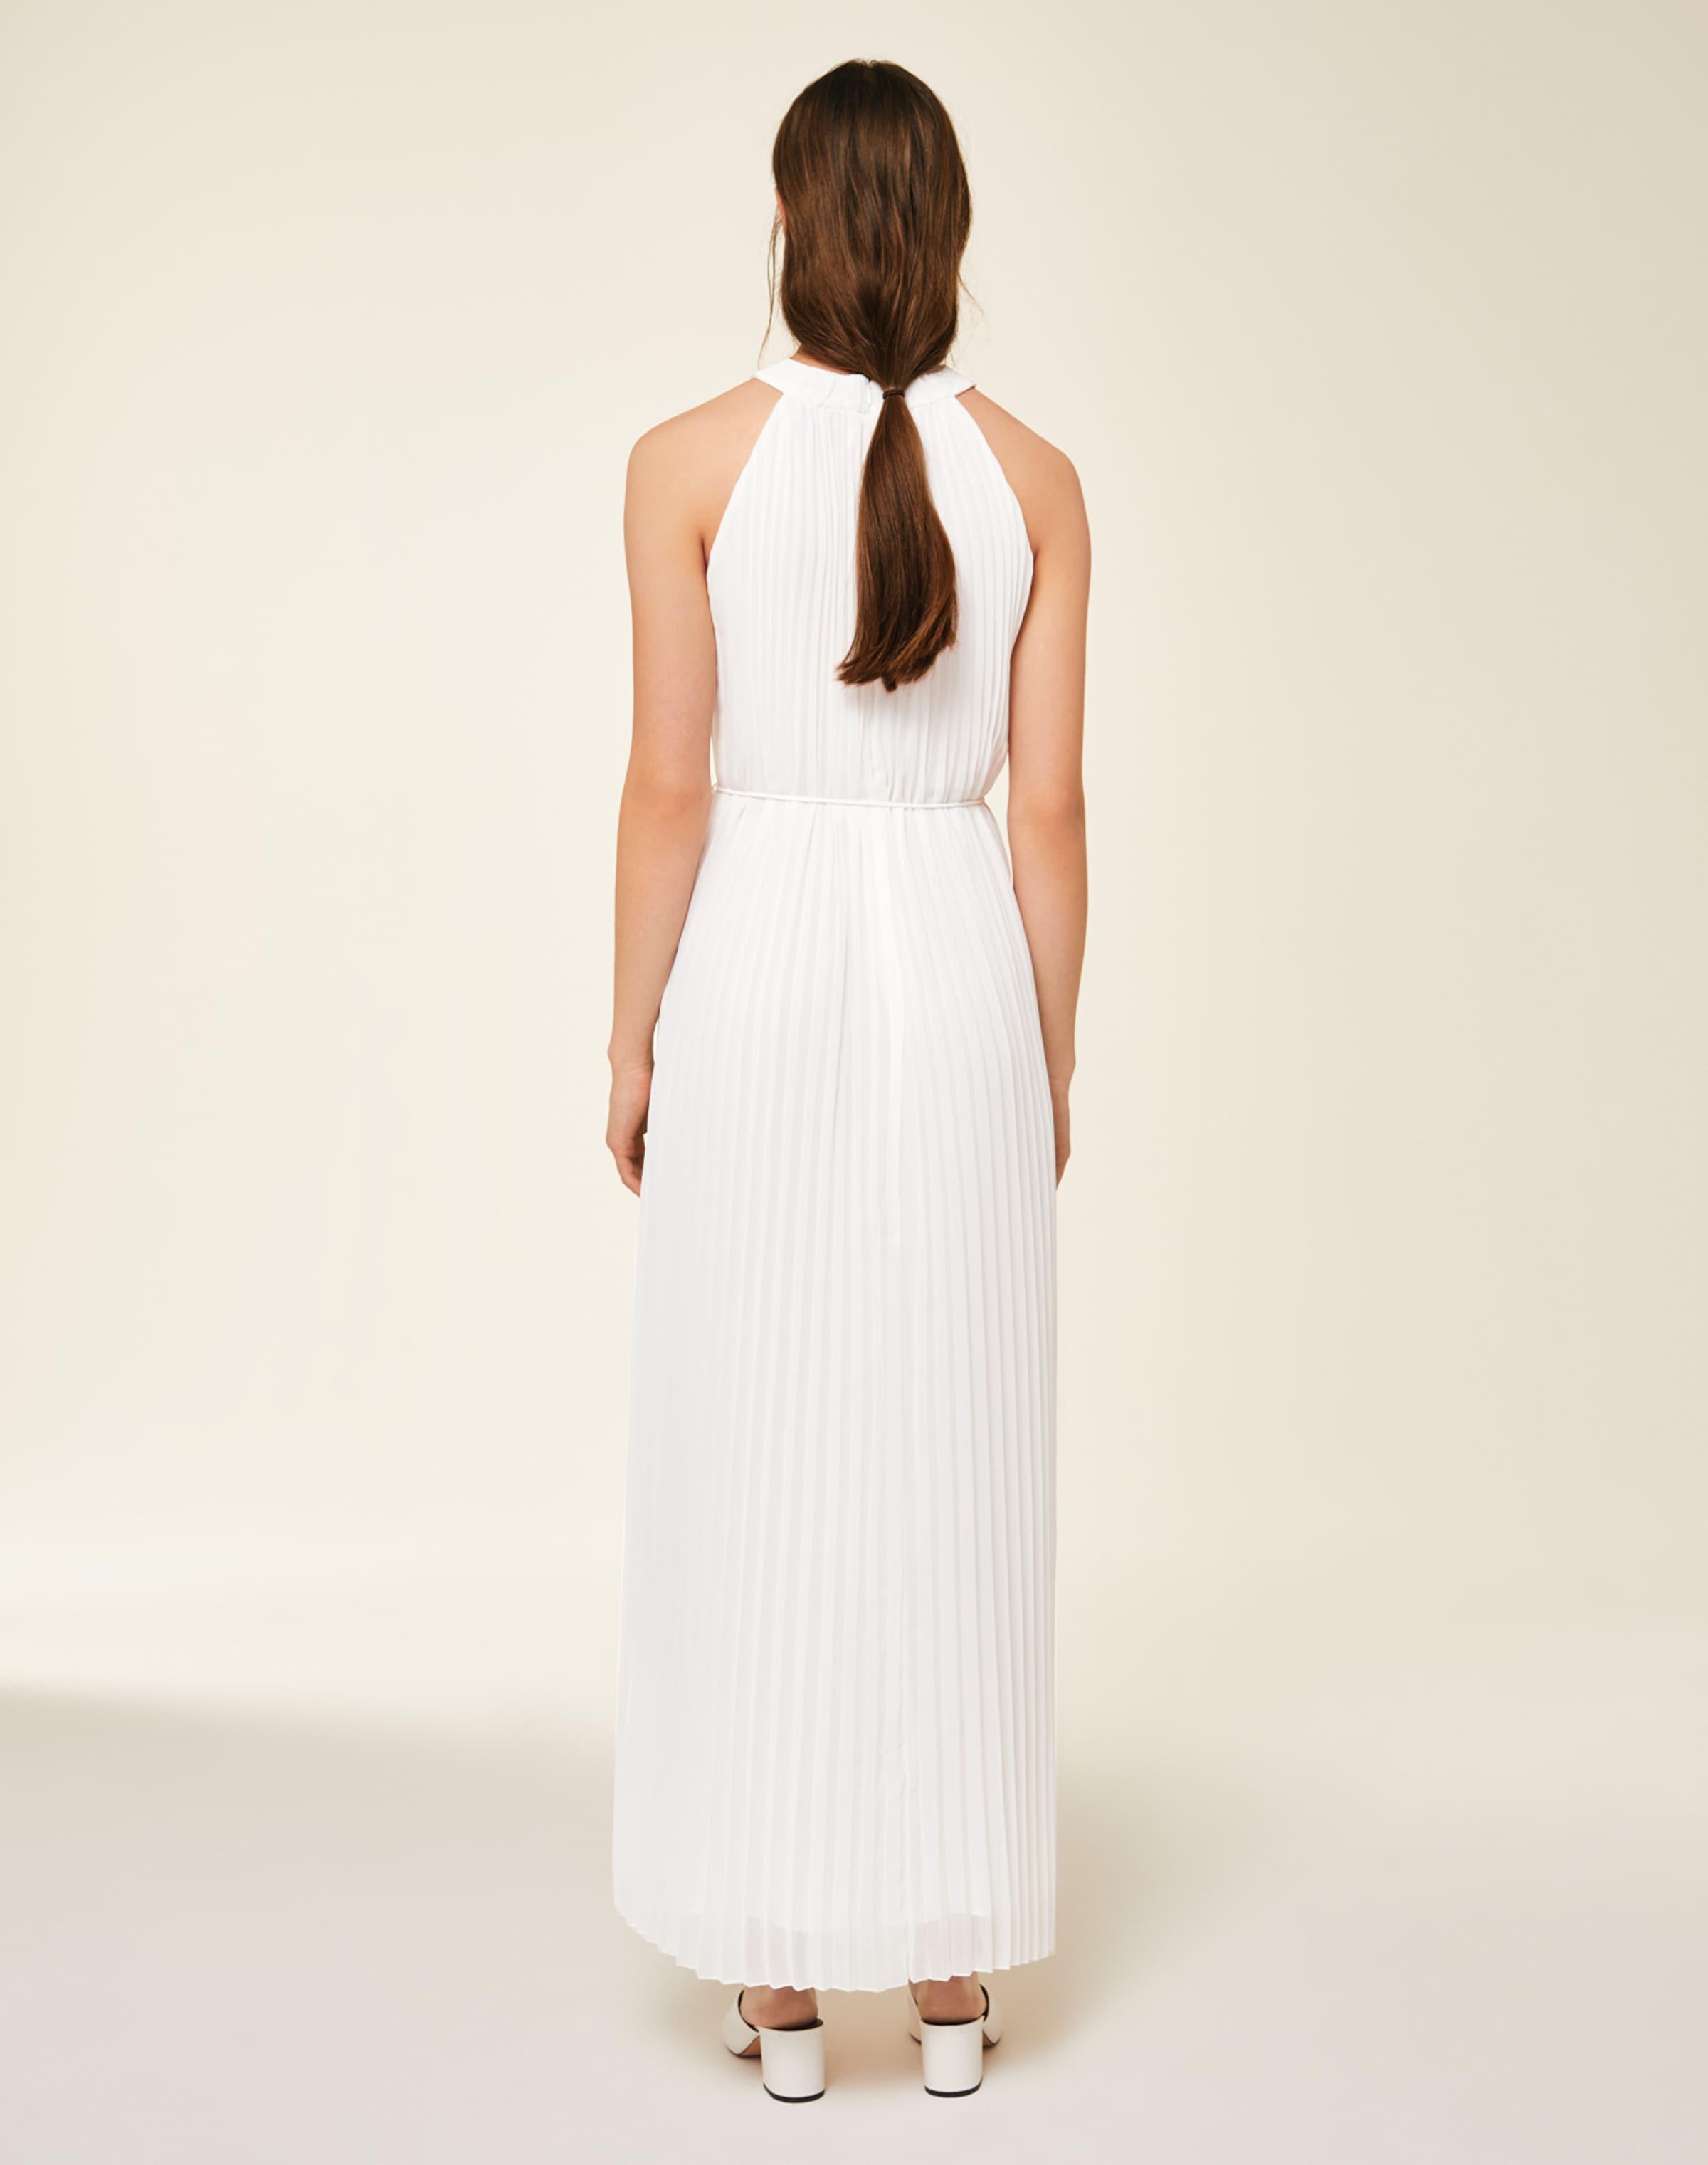 IVY & OAK Aftonklänning i vit